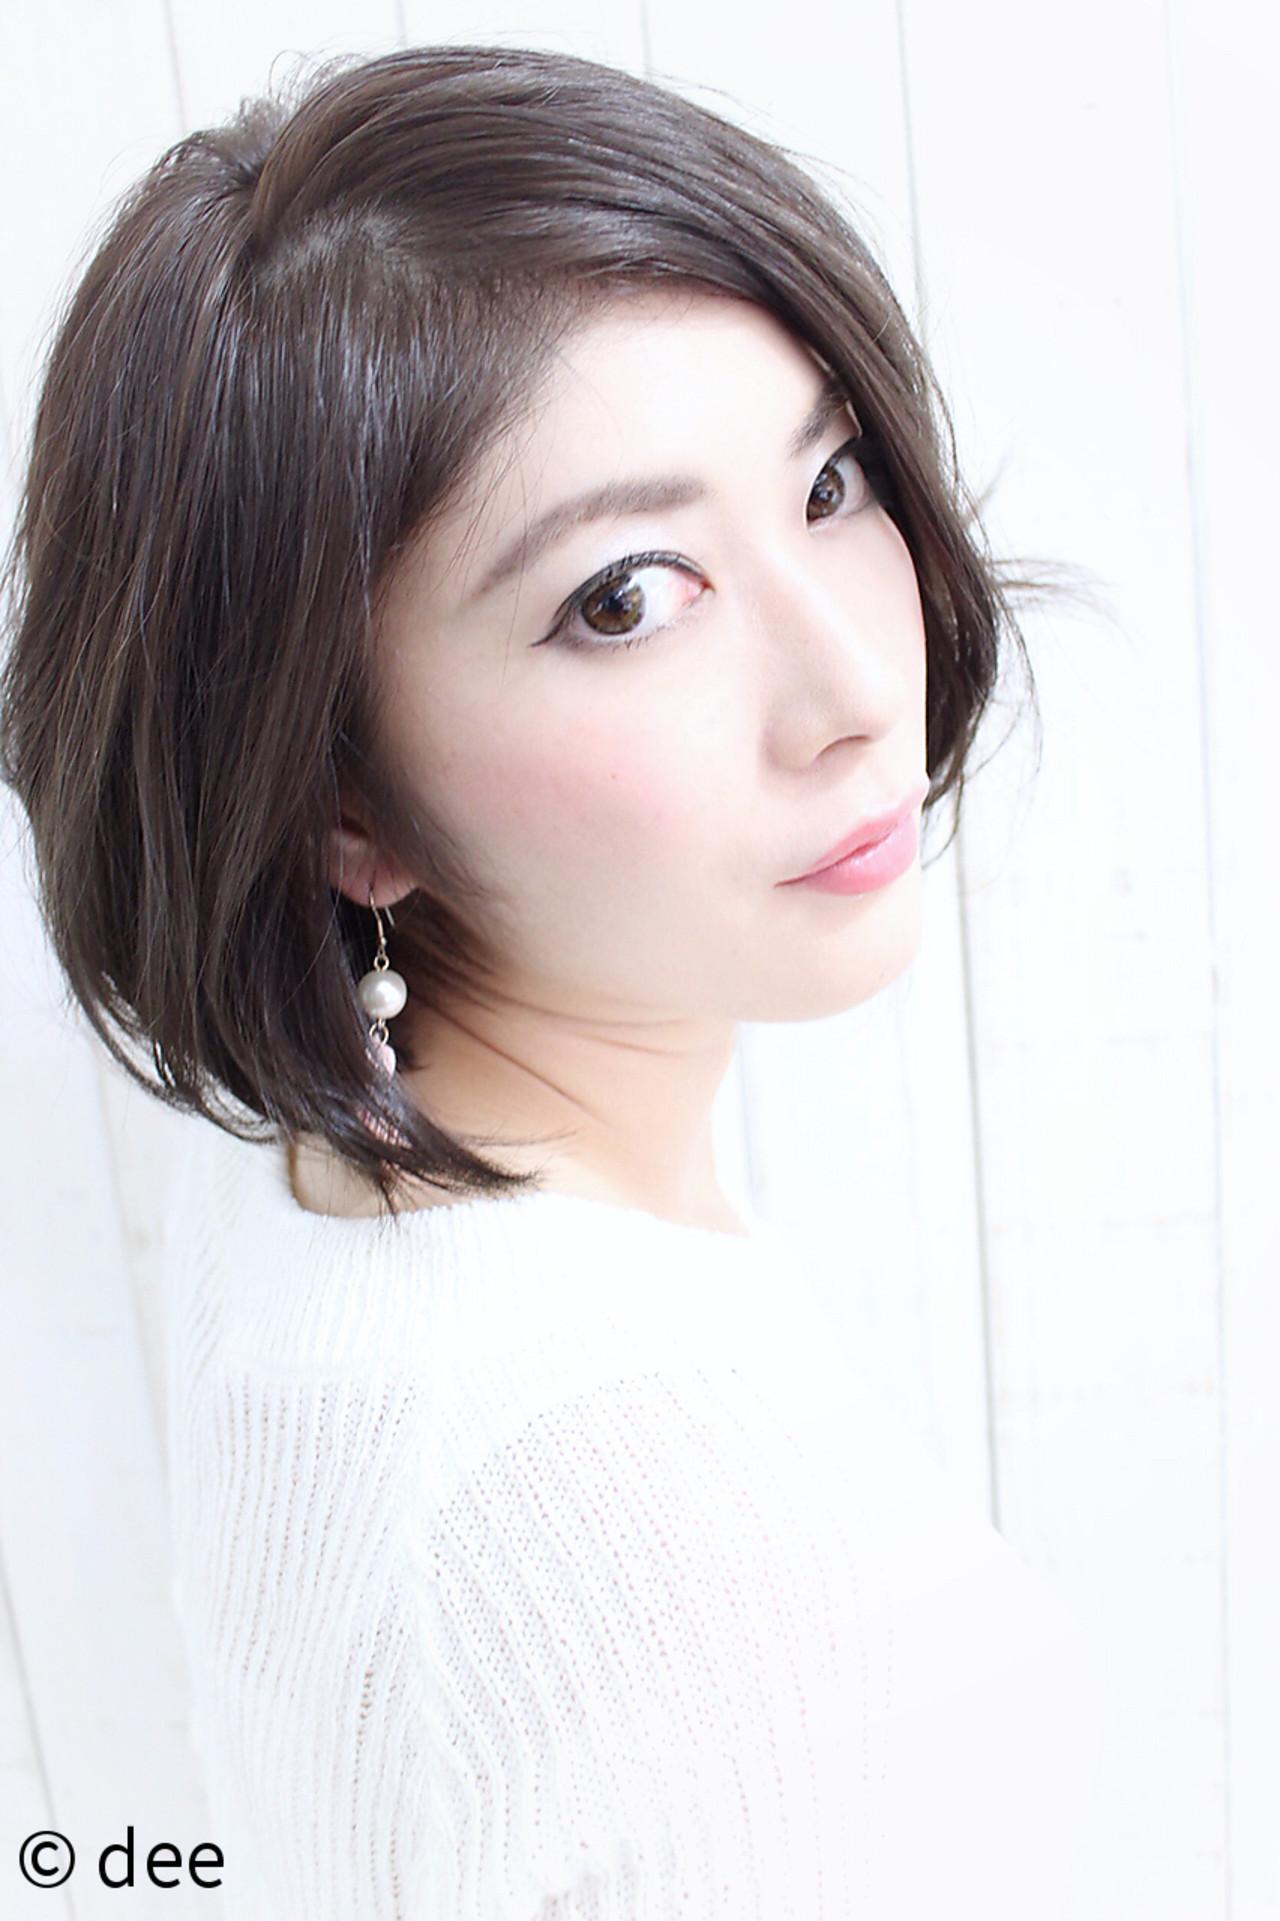 暗髪 大人かわいい グレージュ 大人女子 ヘアスタイルや髪型の写真・画像 | dee / dee